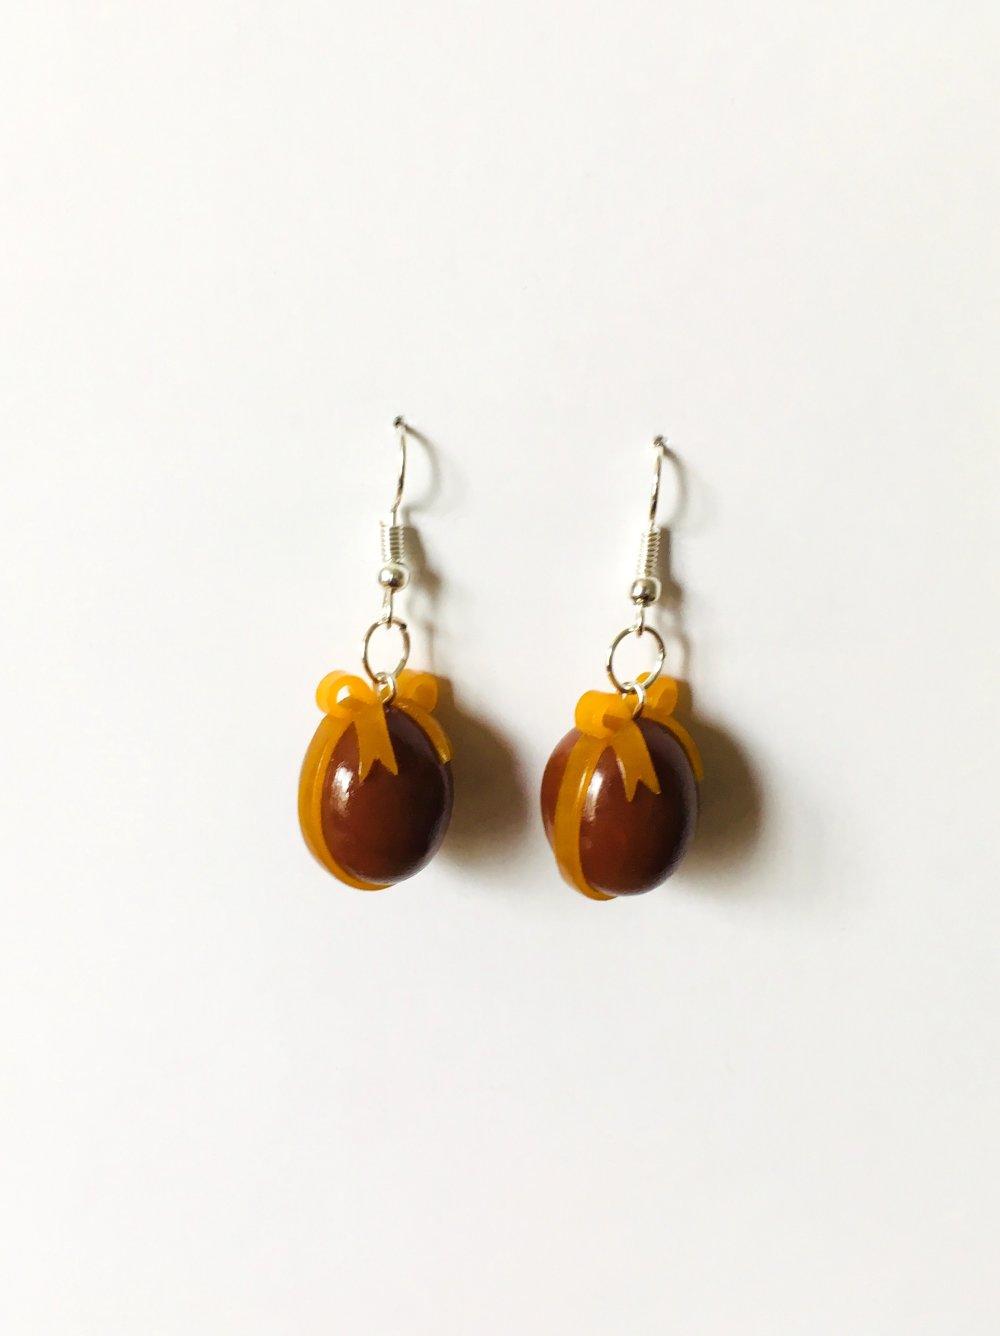 Boucles d'oreilles Fimo œuf de Pâques au chocolat et son nœud orange